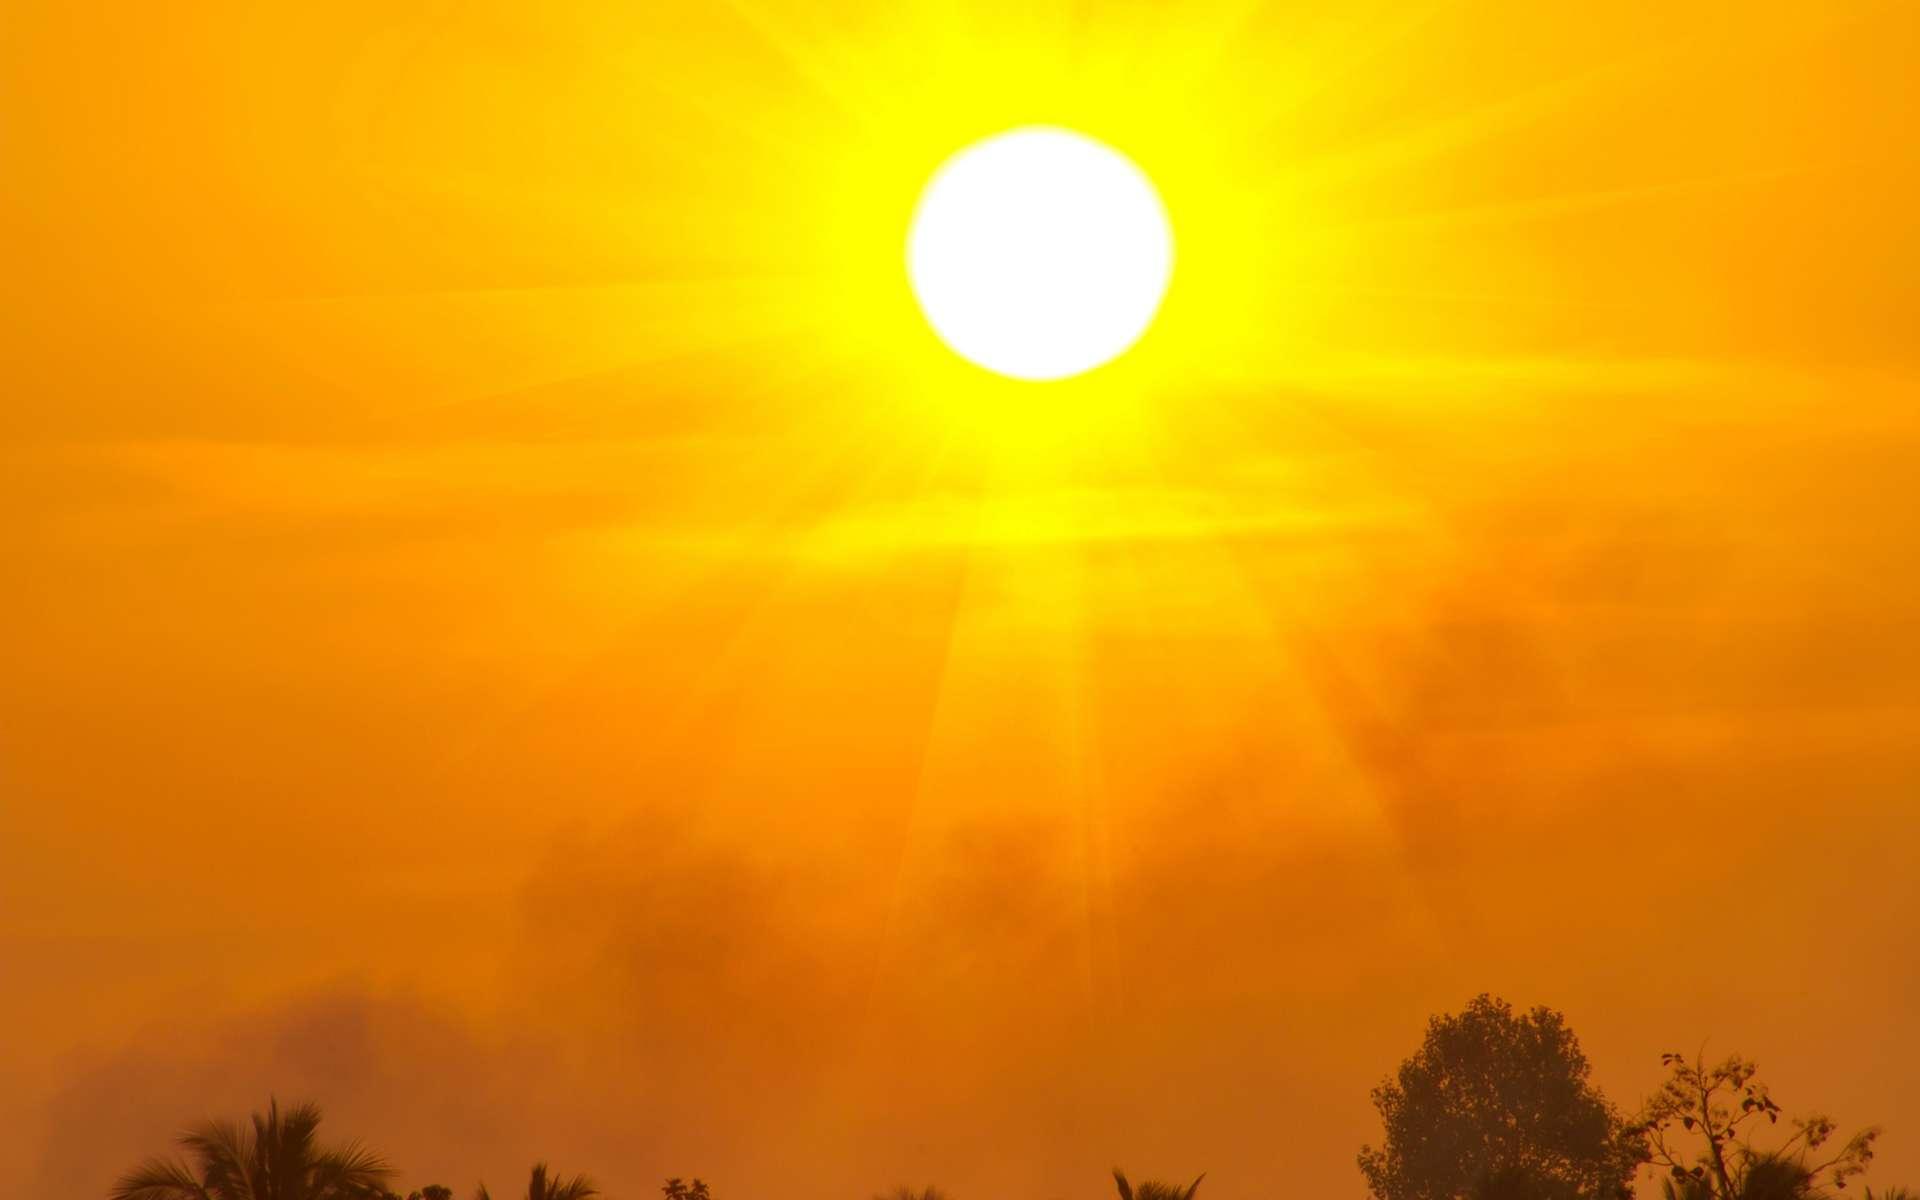 Une vague de chaleur extrême frappe l'ouest des États-Unis et du Canada depuis quelques jours. Le doute n'est pas permis : le réchauffement climatique joue un rôle. © chuchart1972, Adobe Stock